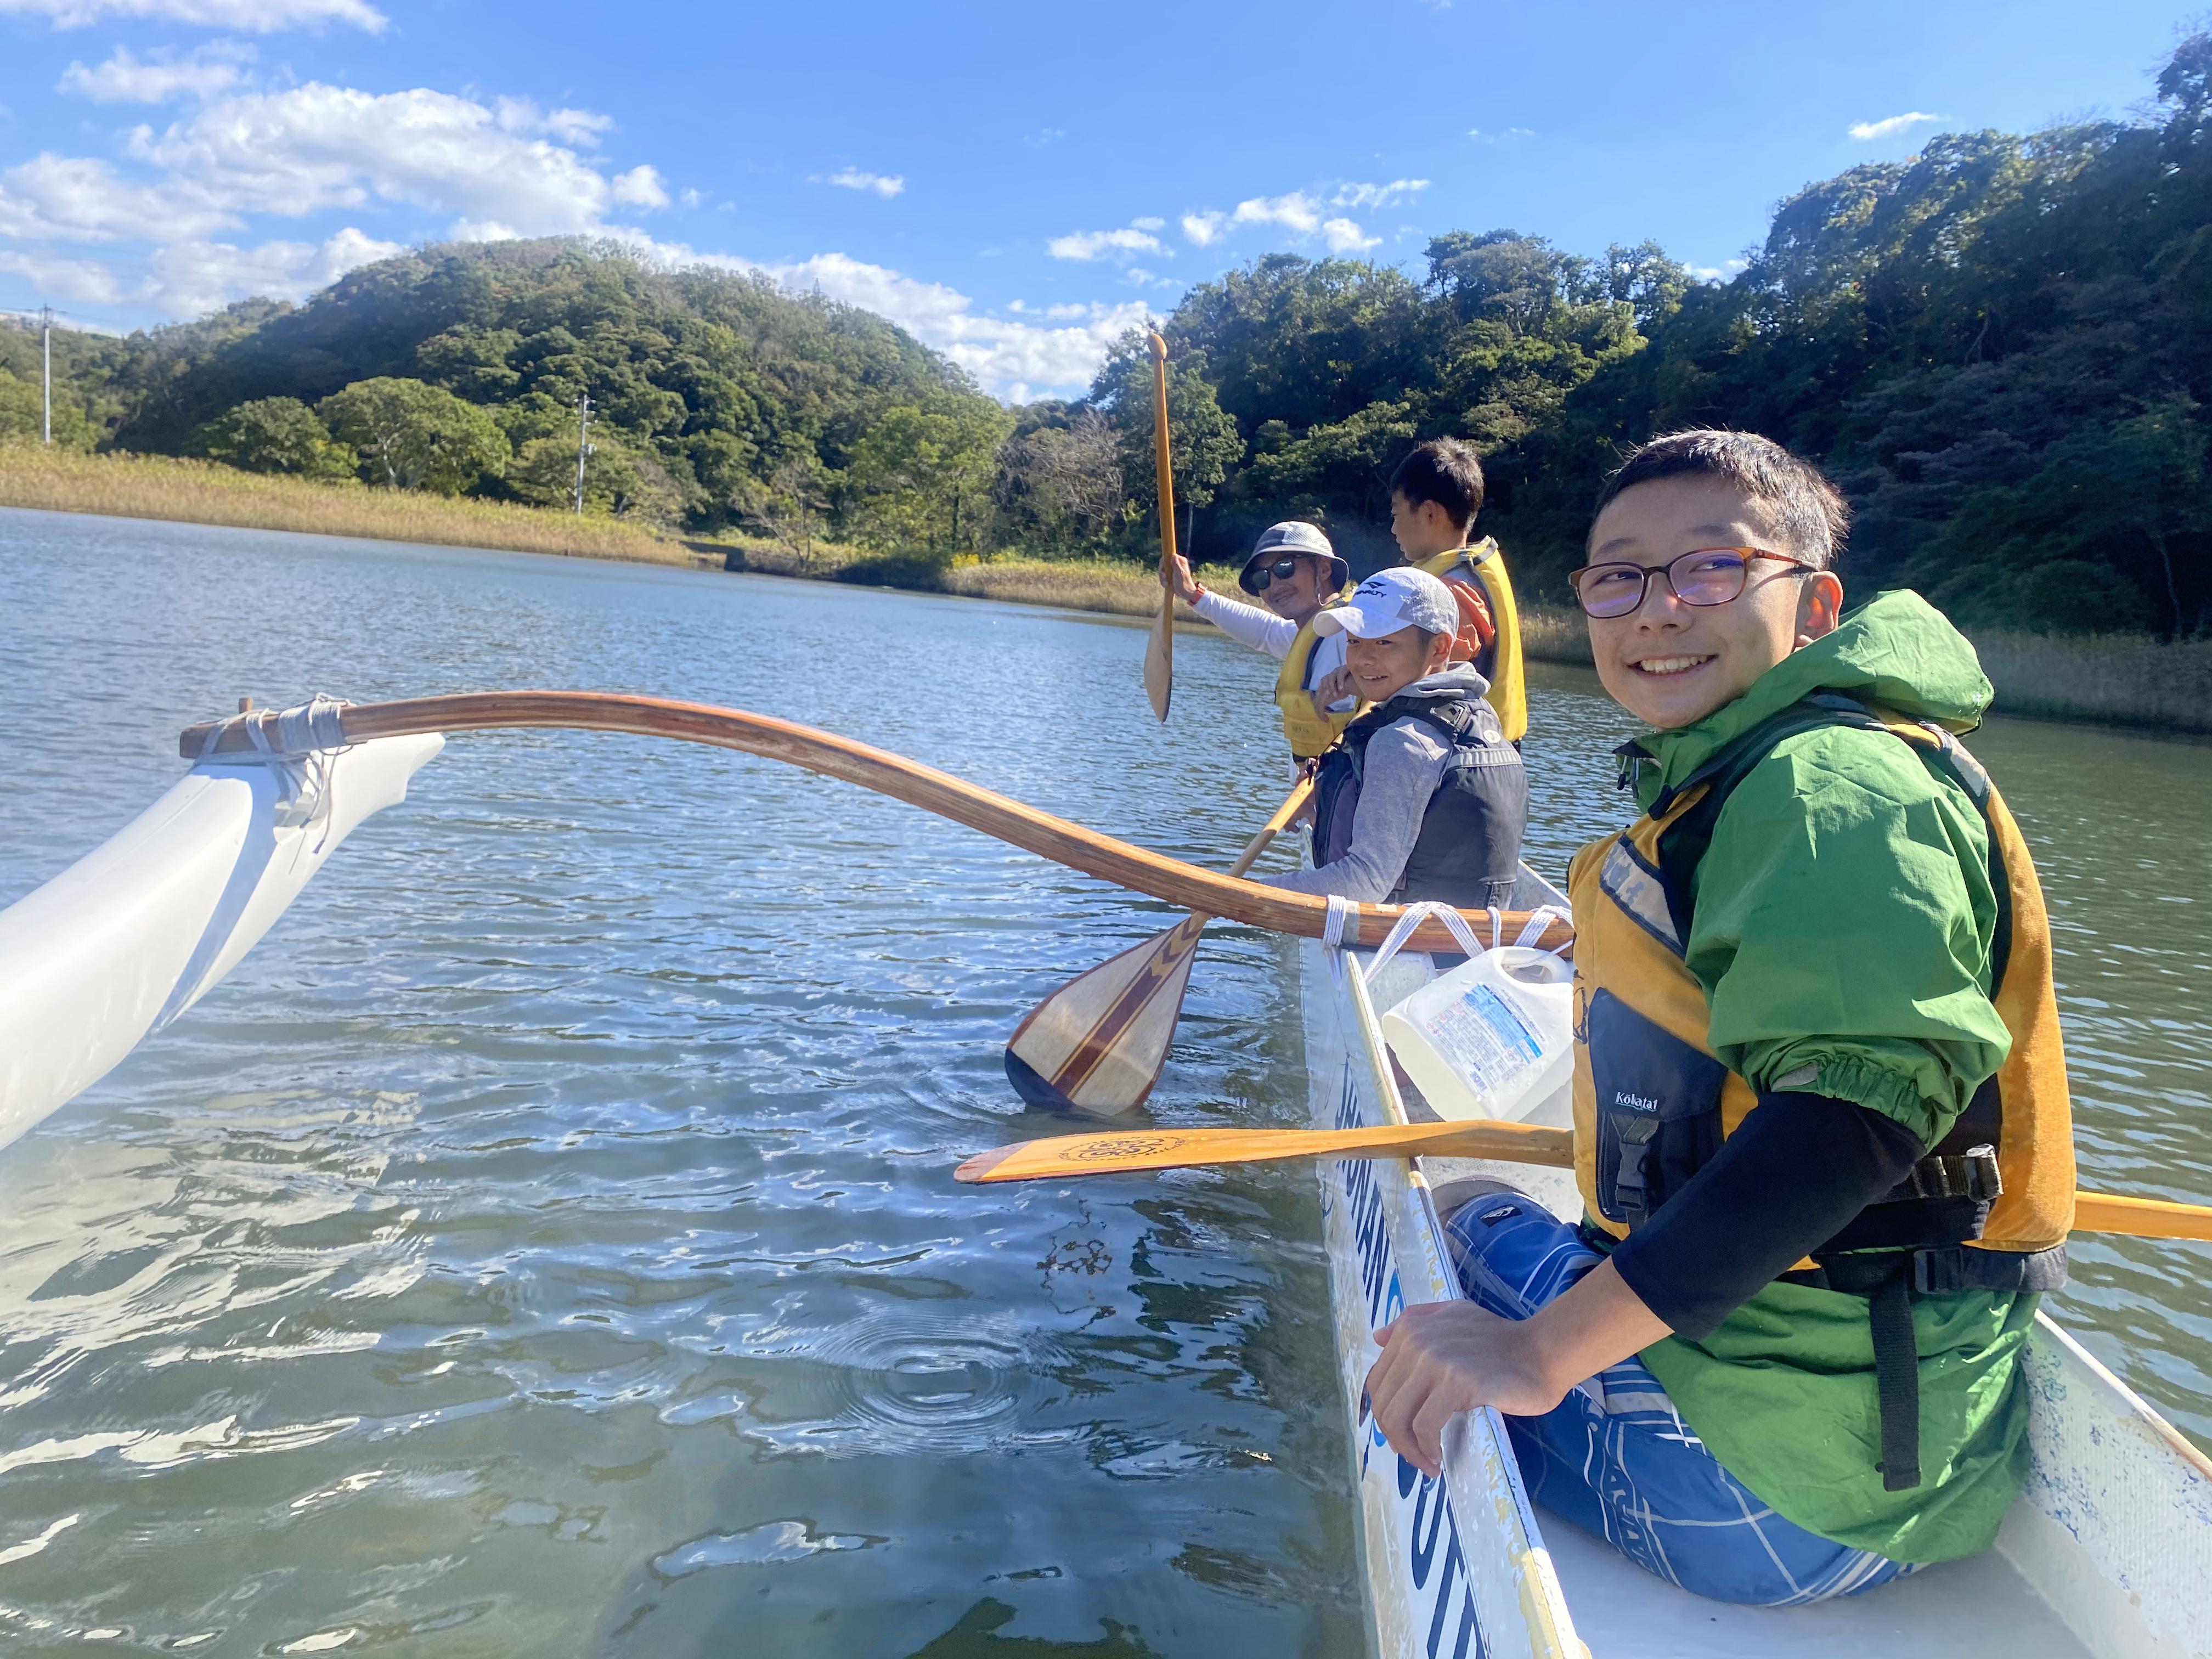 アウトリガーカヌーパドリング体験